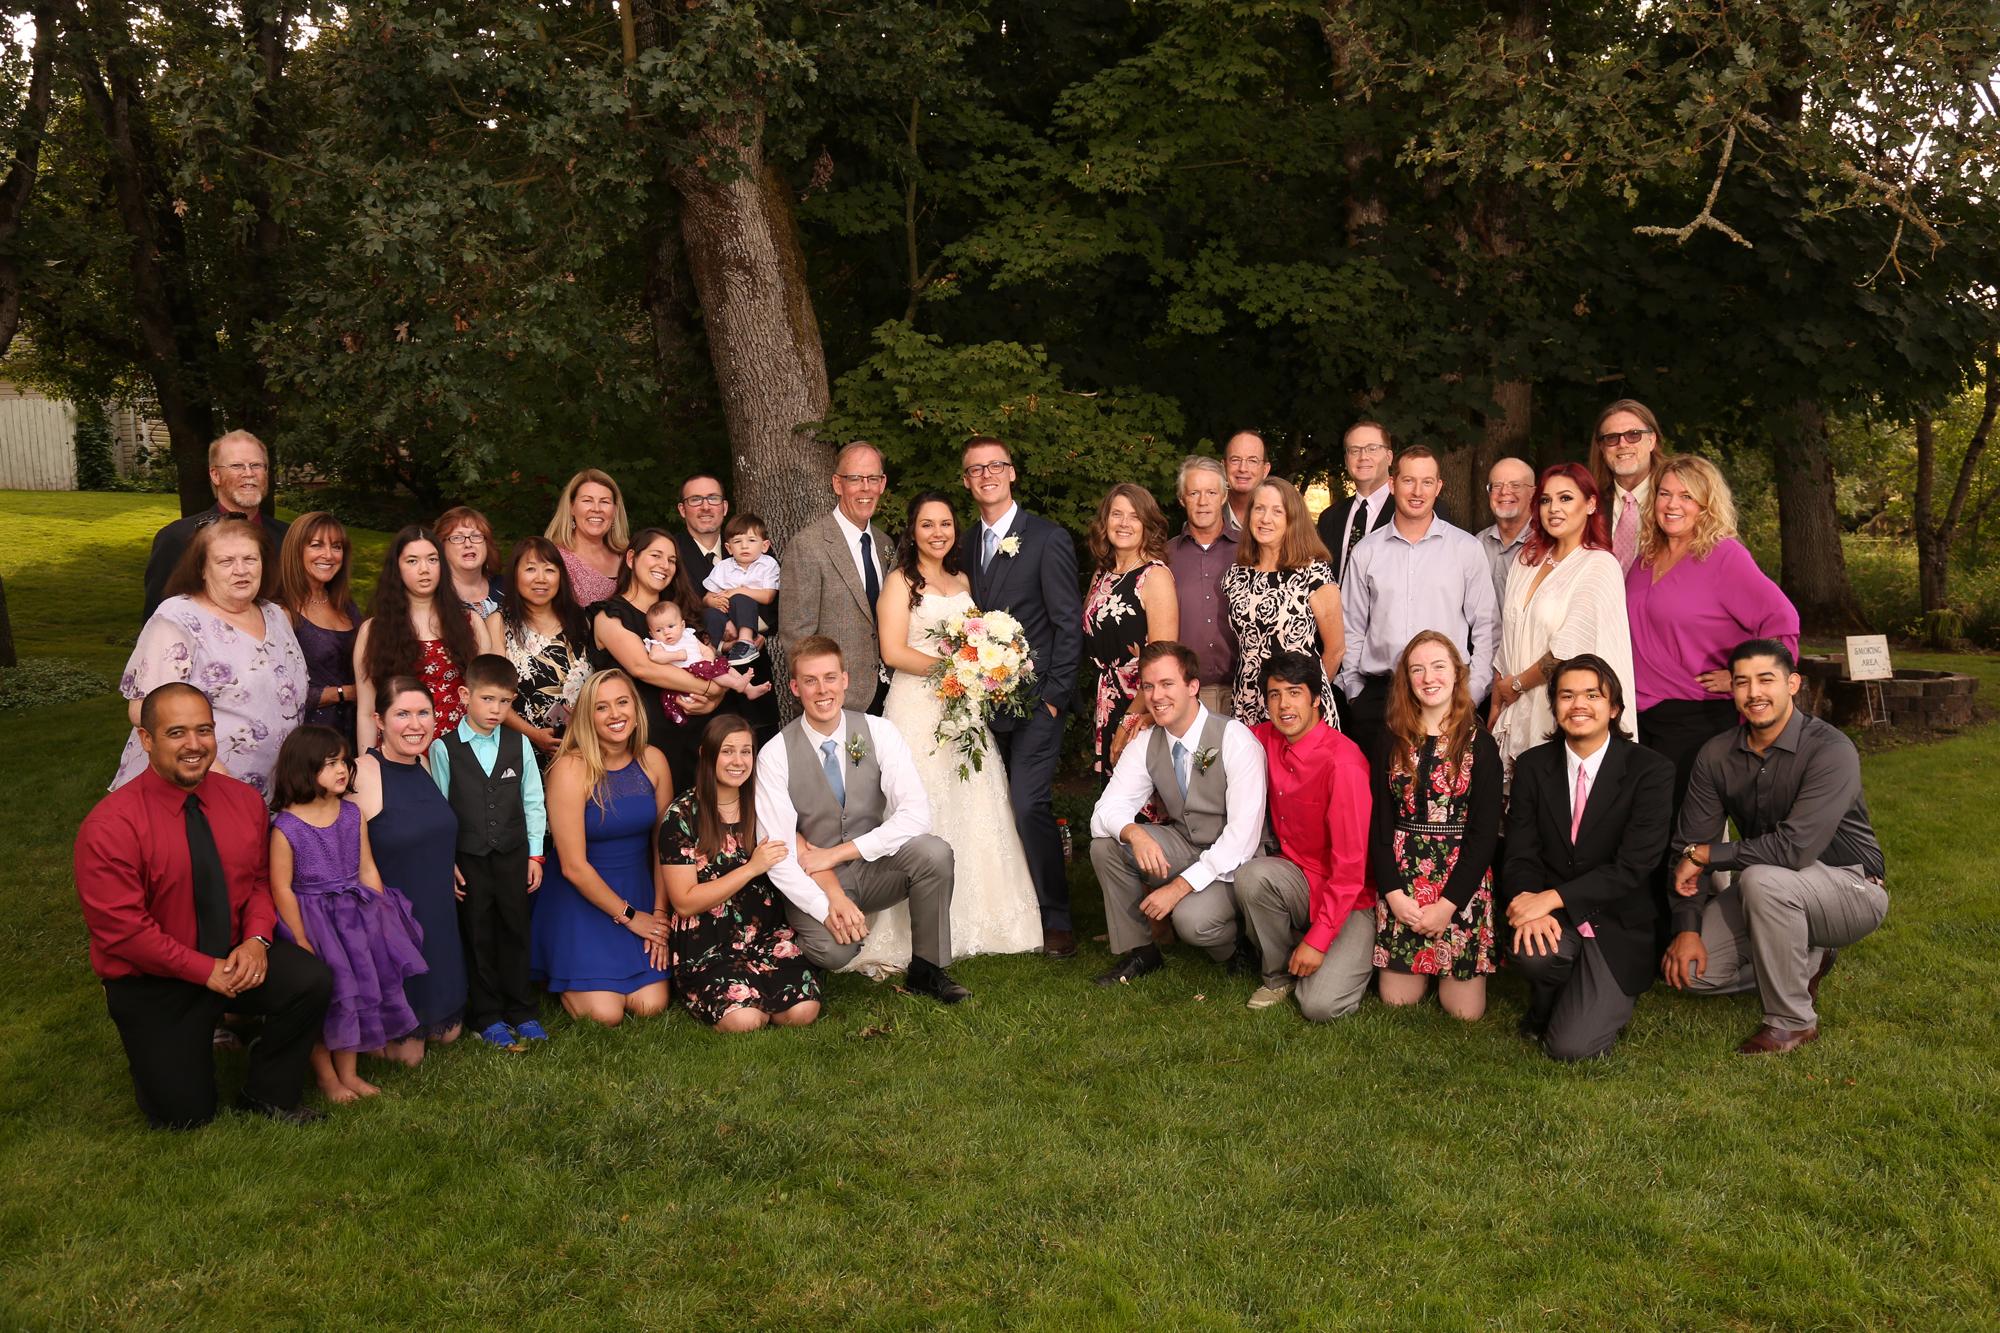 Family portraits photography eugene Oregon